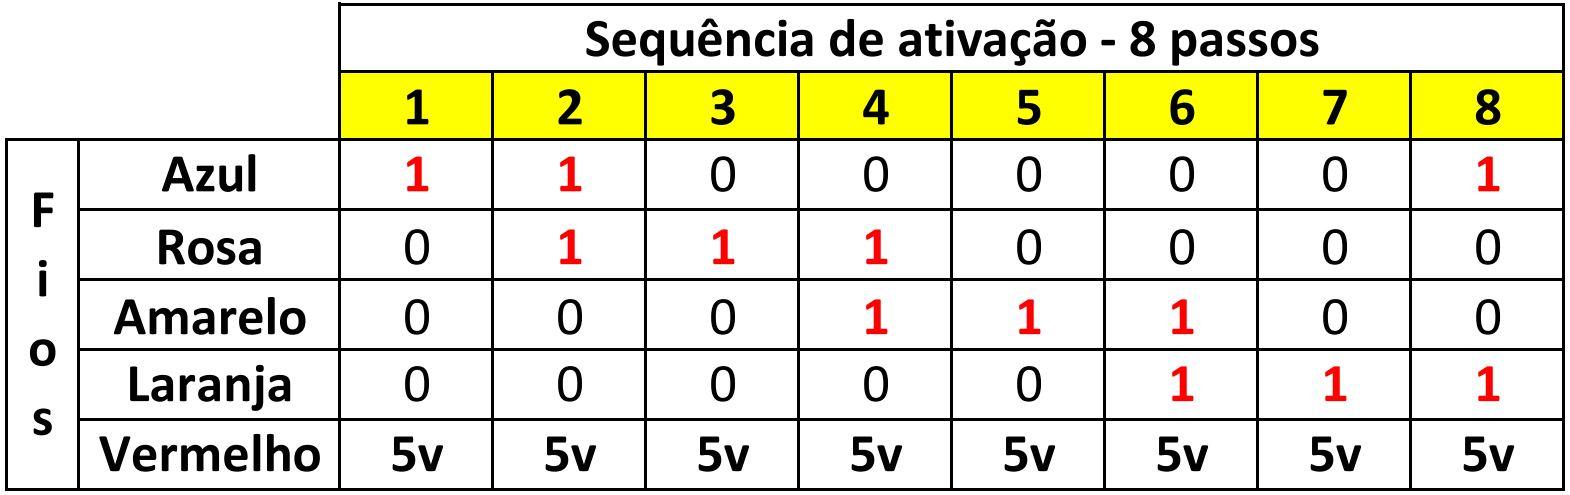 Sequencia de ativacao - 8 passos